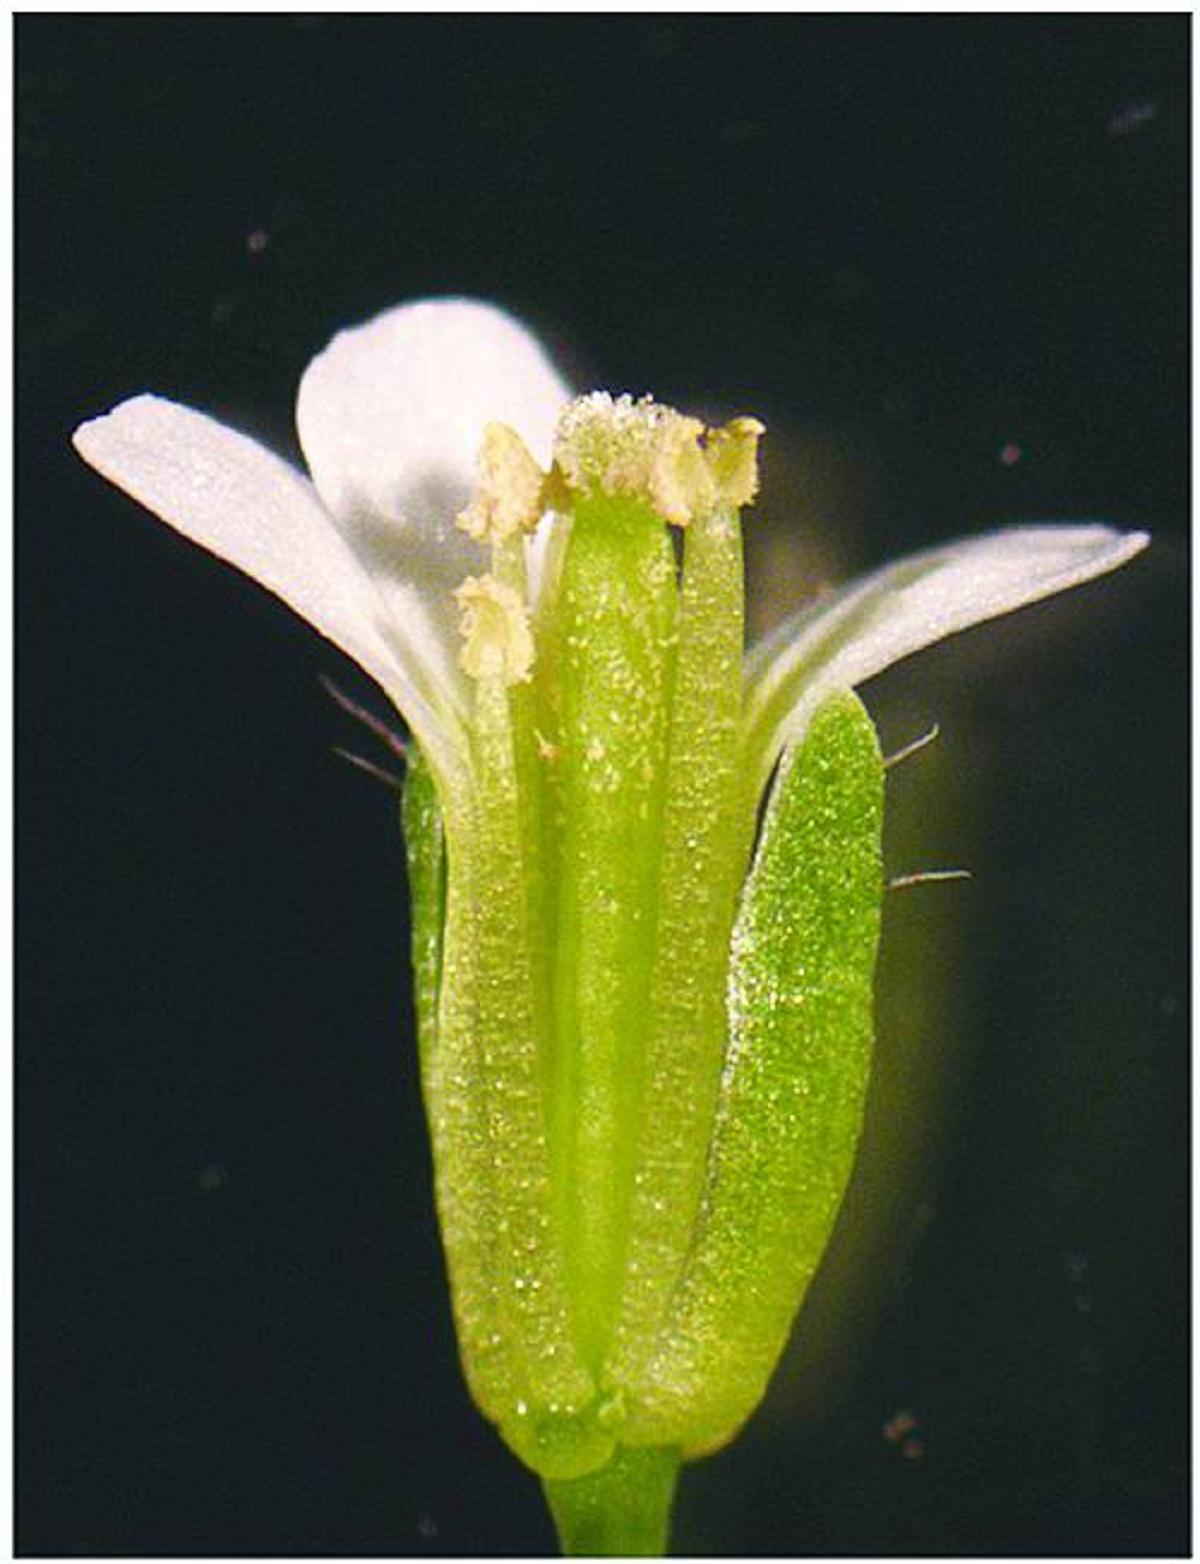 刚刚授粉的拟南芥花,摘掉了部分萼片和花瓣。段巧红供图